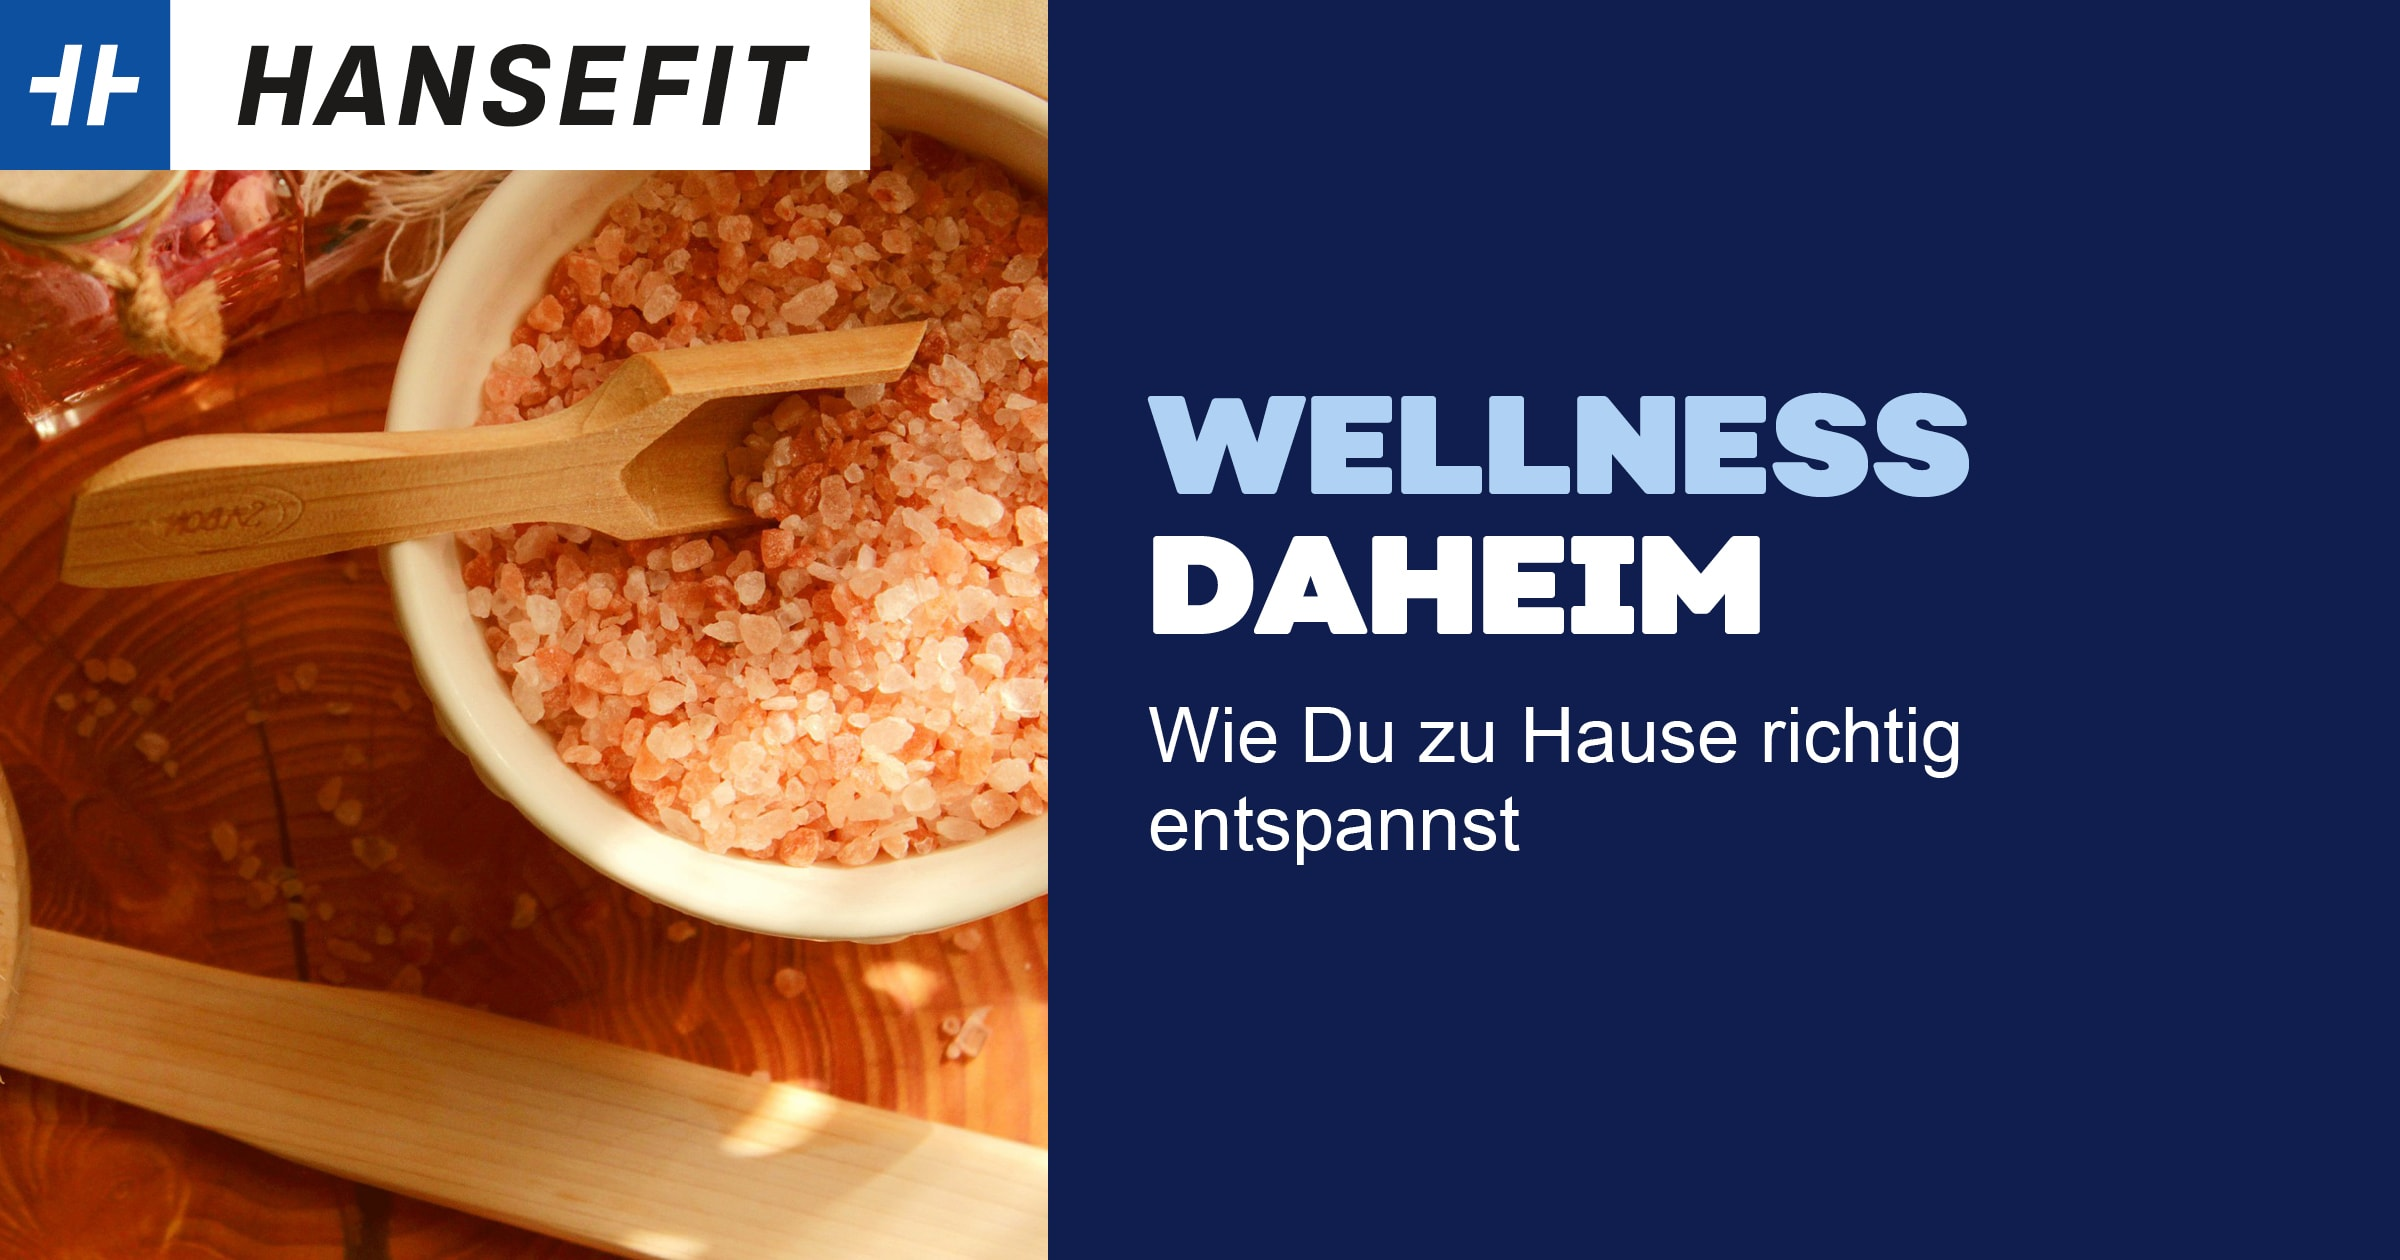 Wellness daheim Schale mit Peeling Erholung